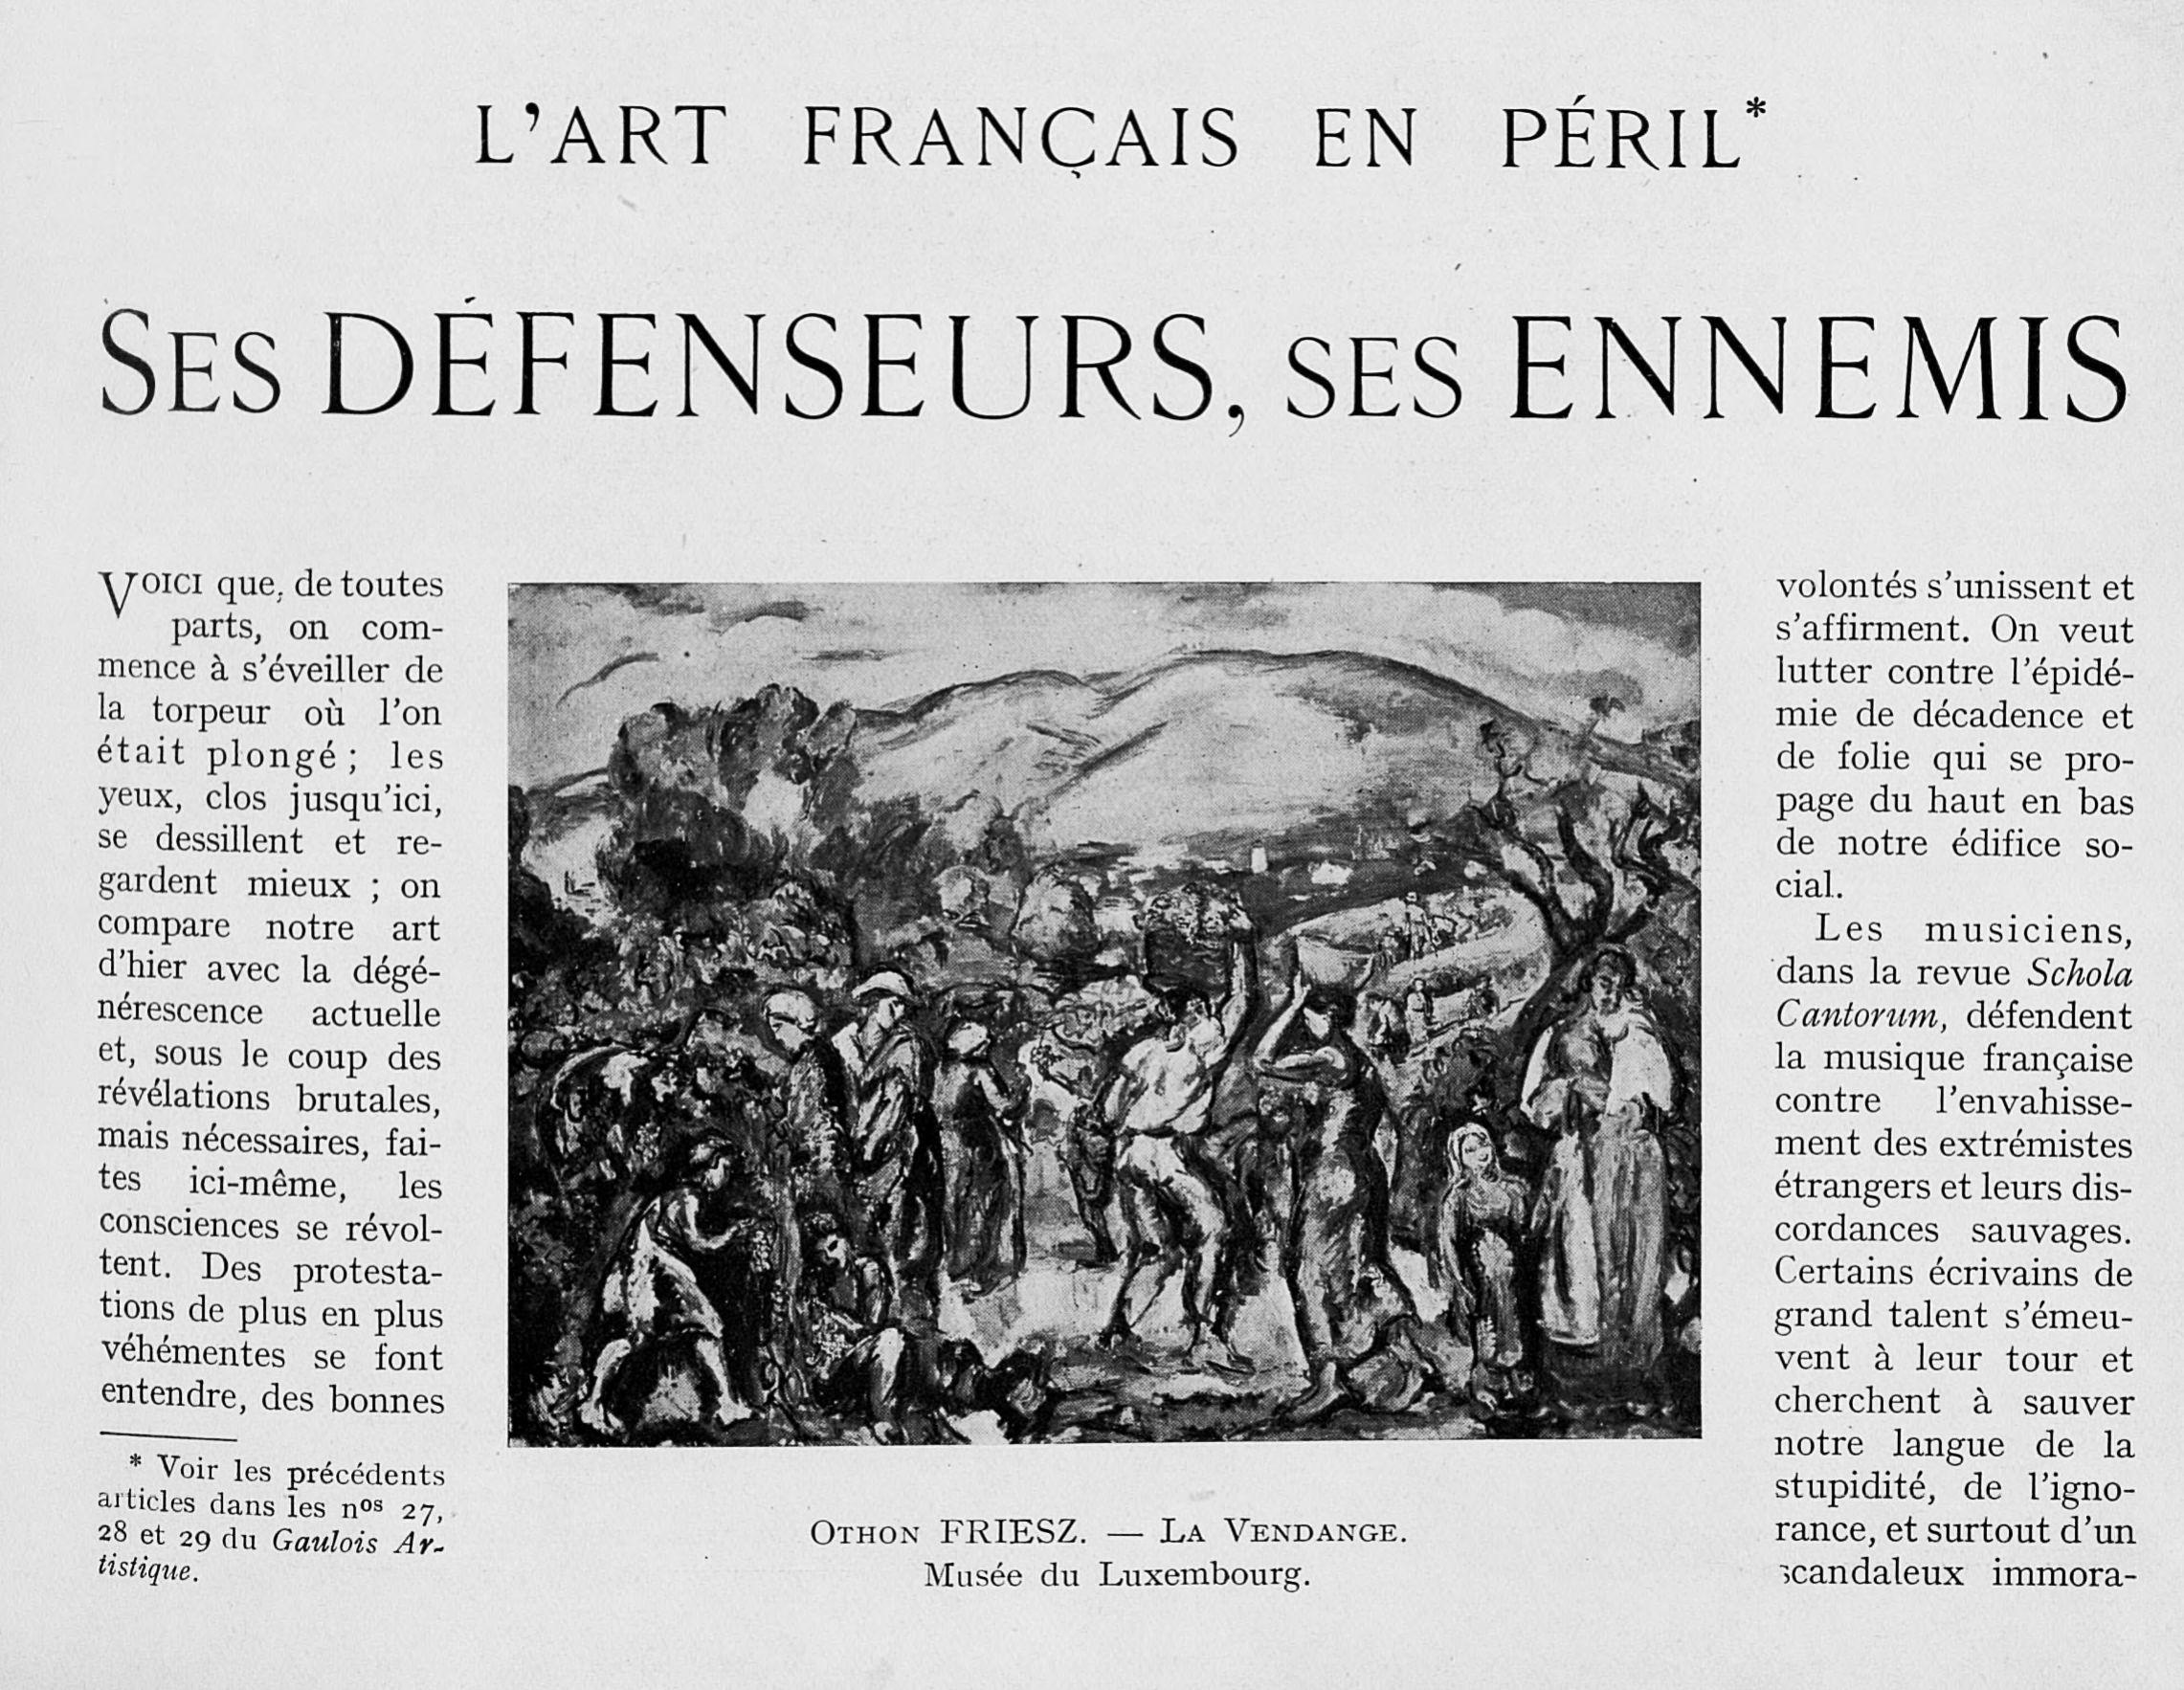 texte_3_lart_francais_en_peril.jpg